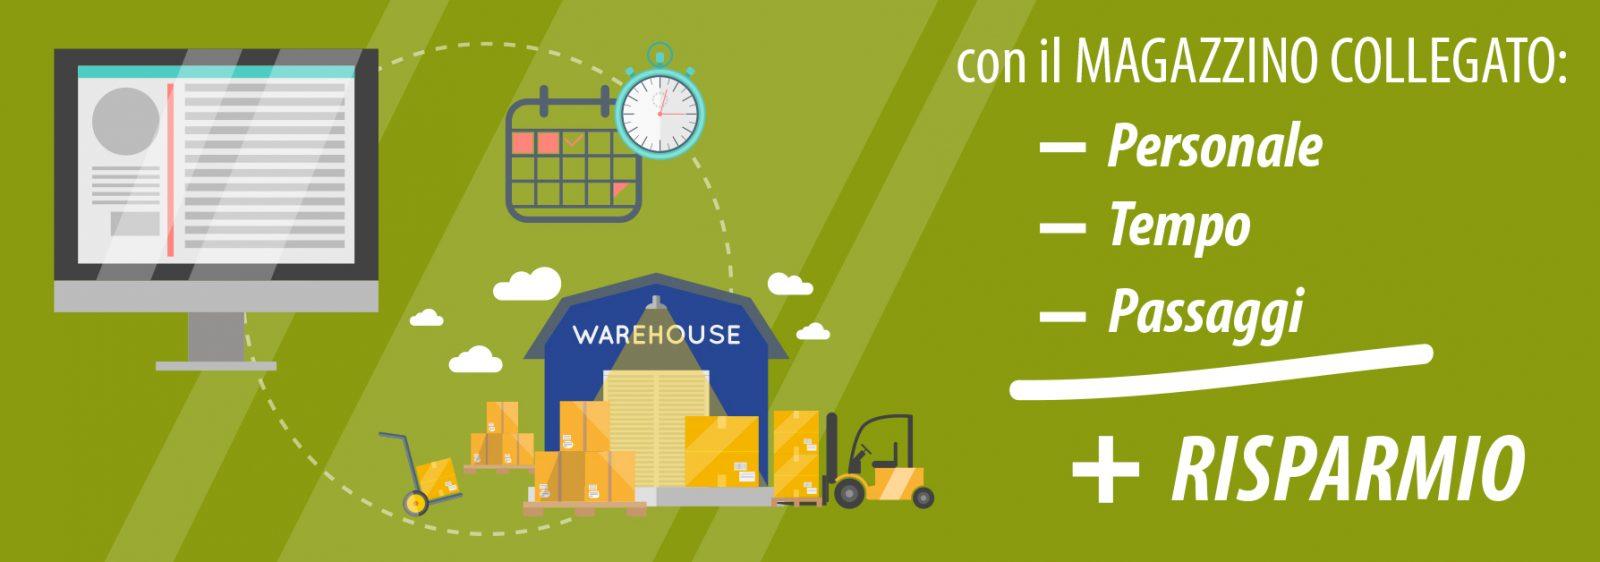 magazzino_collegato_risparmio